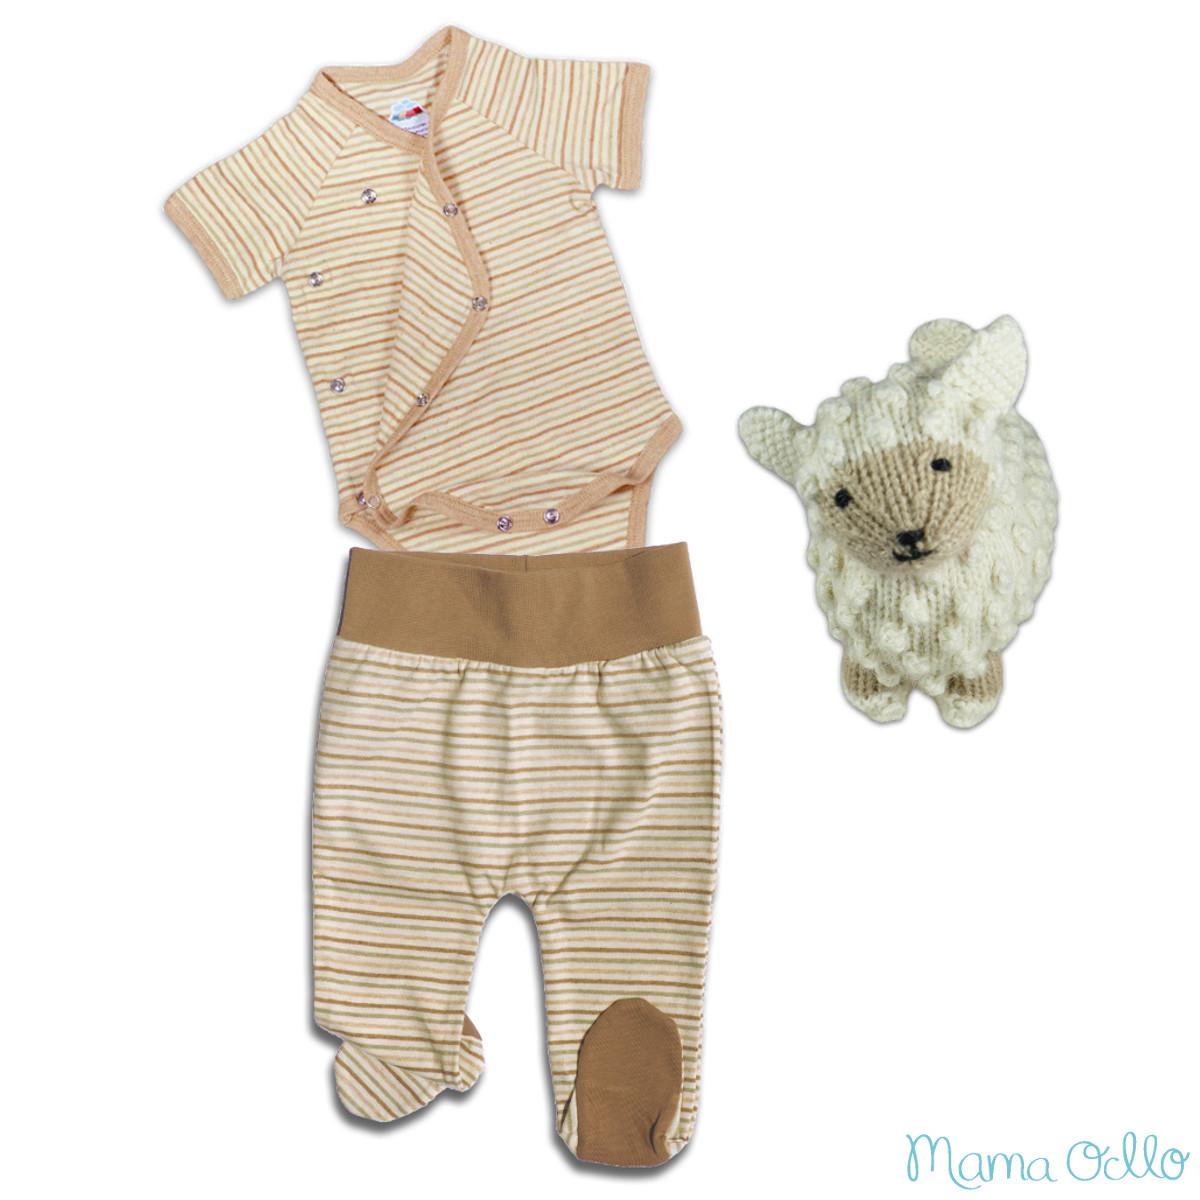 sale retailer 2dafb 80b6c Mama Ocllo - Erstlingsausstattung für Baby Mädchen Hose Body ...